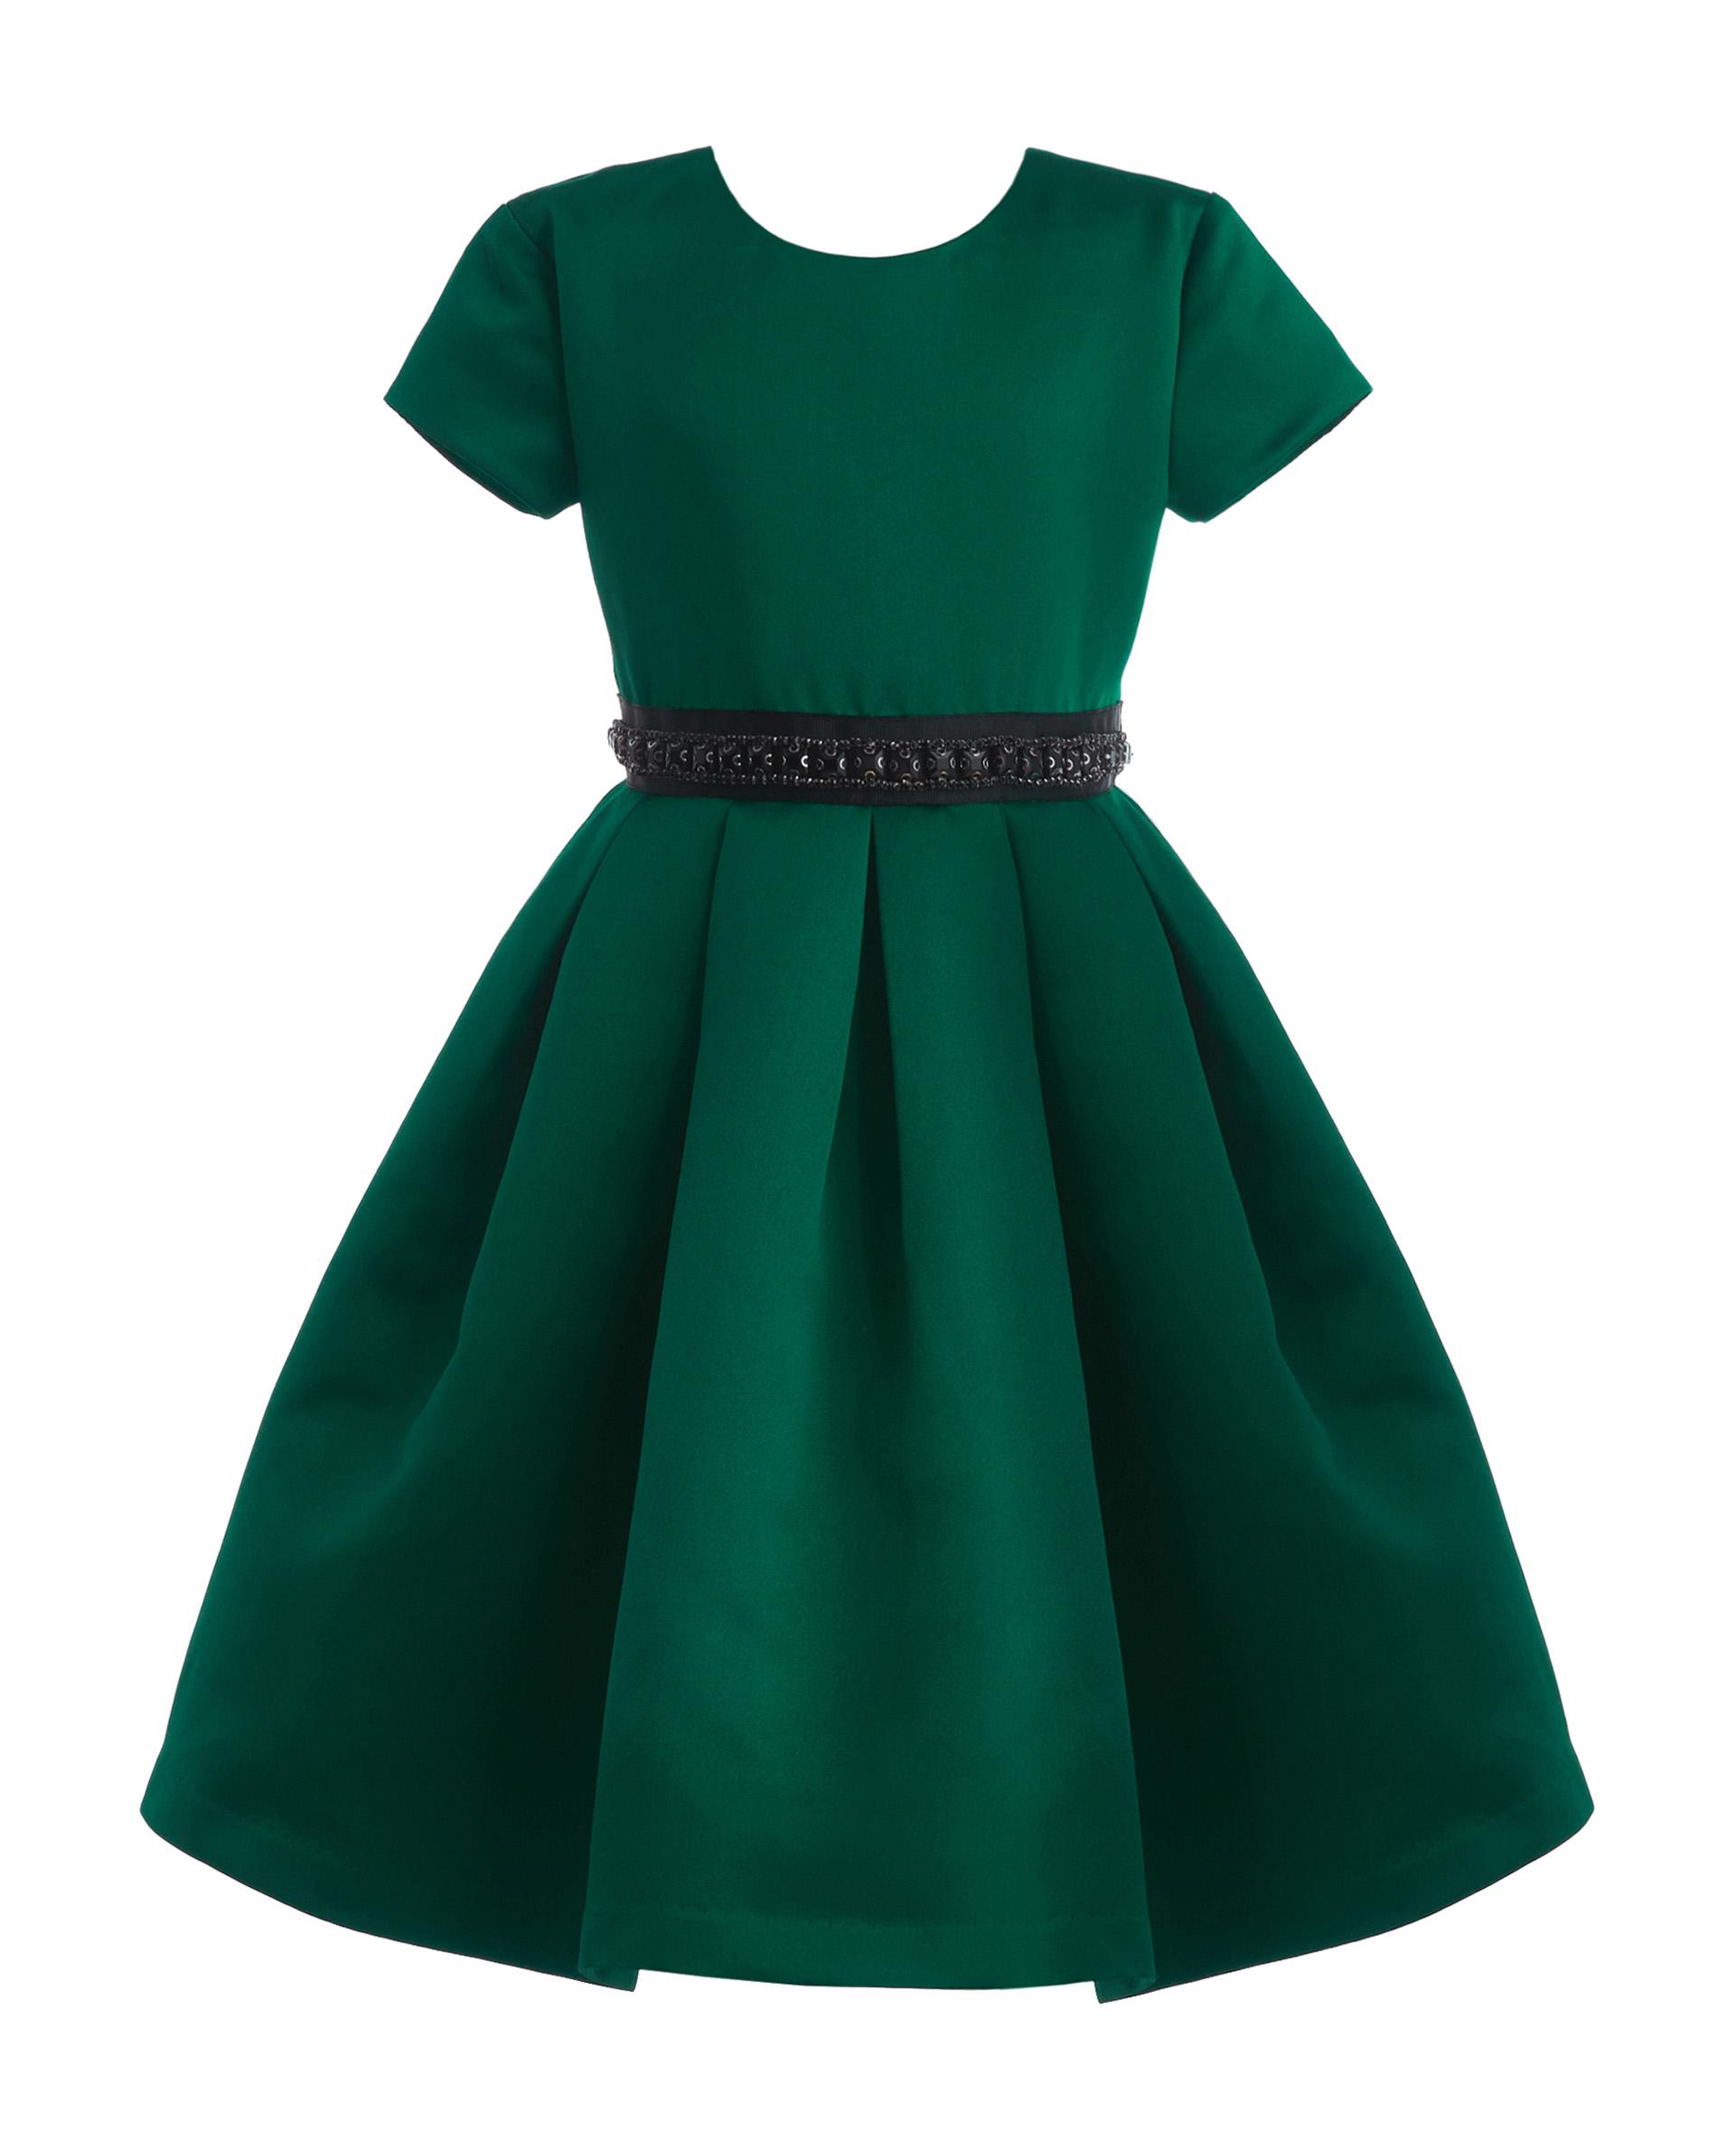 Купить 219GPGMC2501, Зеленое нарядное платье Gulliver, зеленый, 116, Женский, ОСЕНЬ/ЗИМА 2019-2020 (shop: GulliverMarket Gulliver Market)